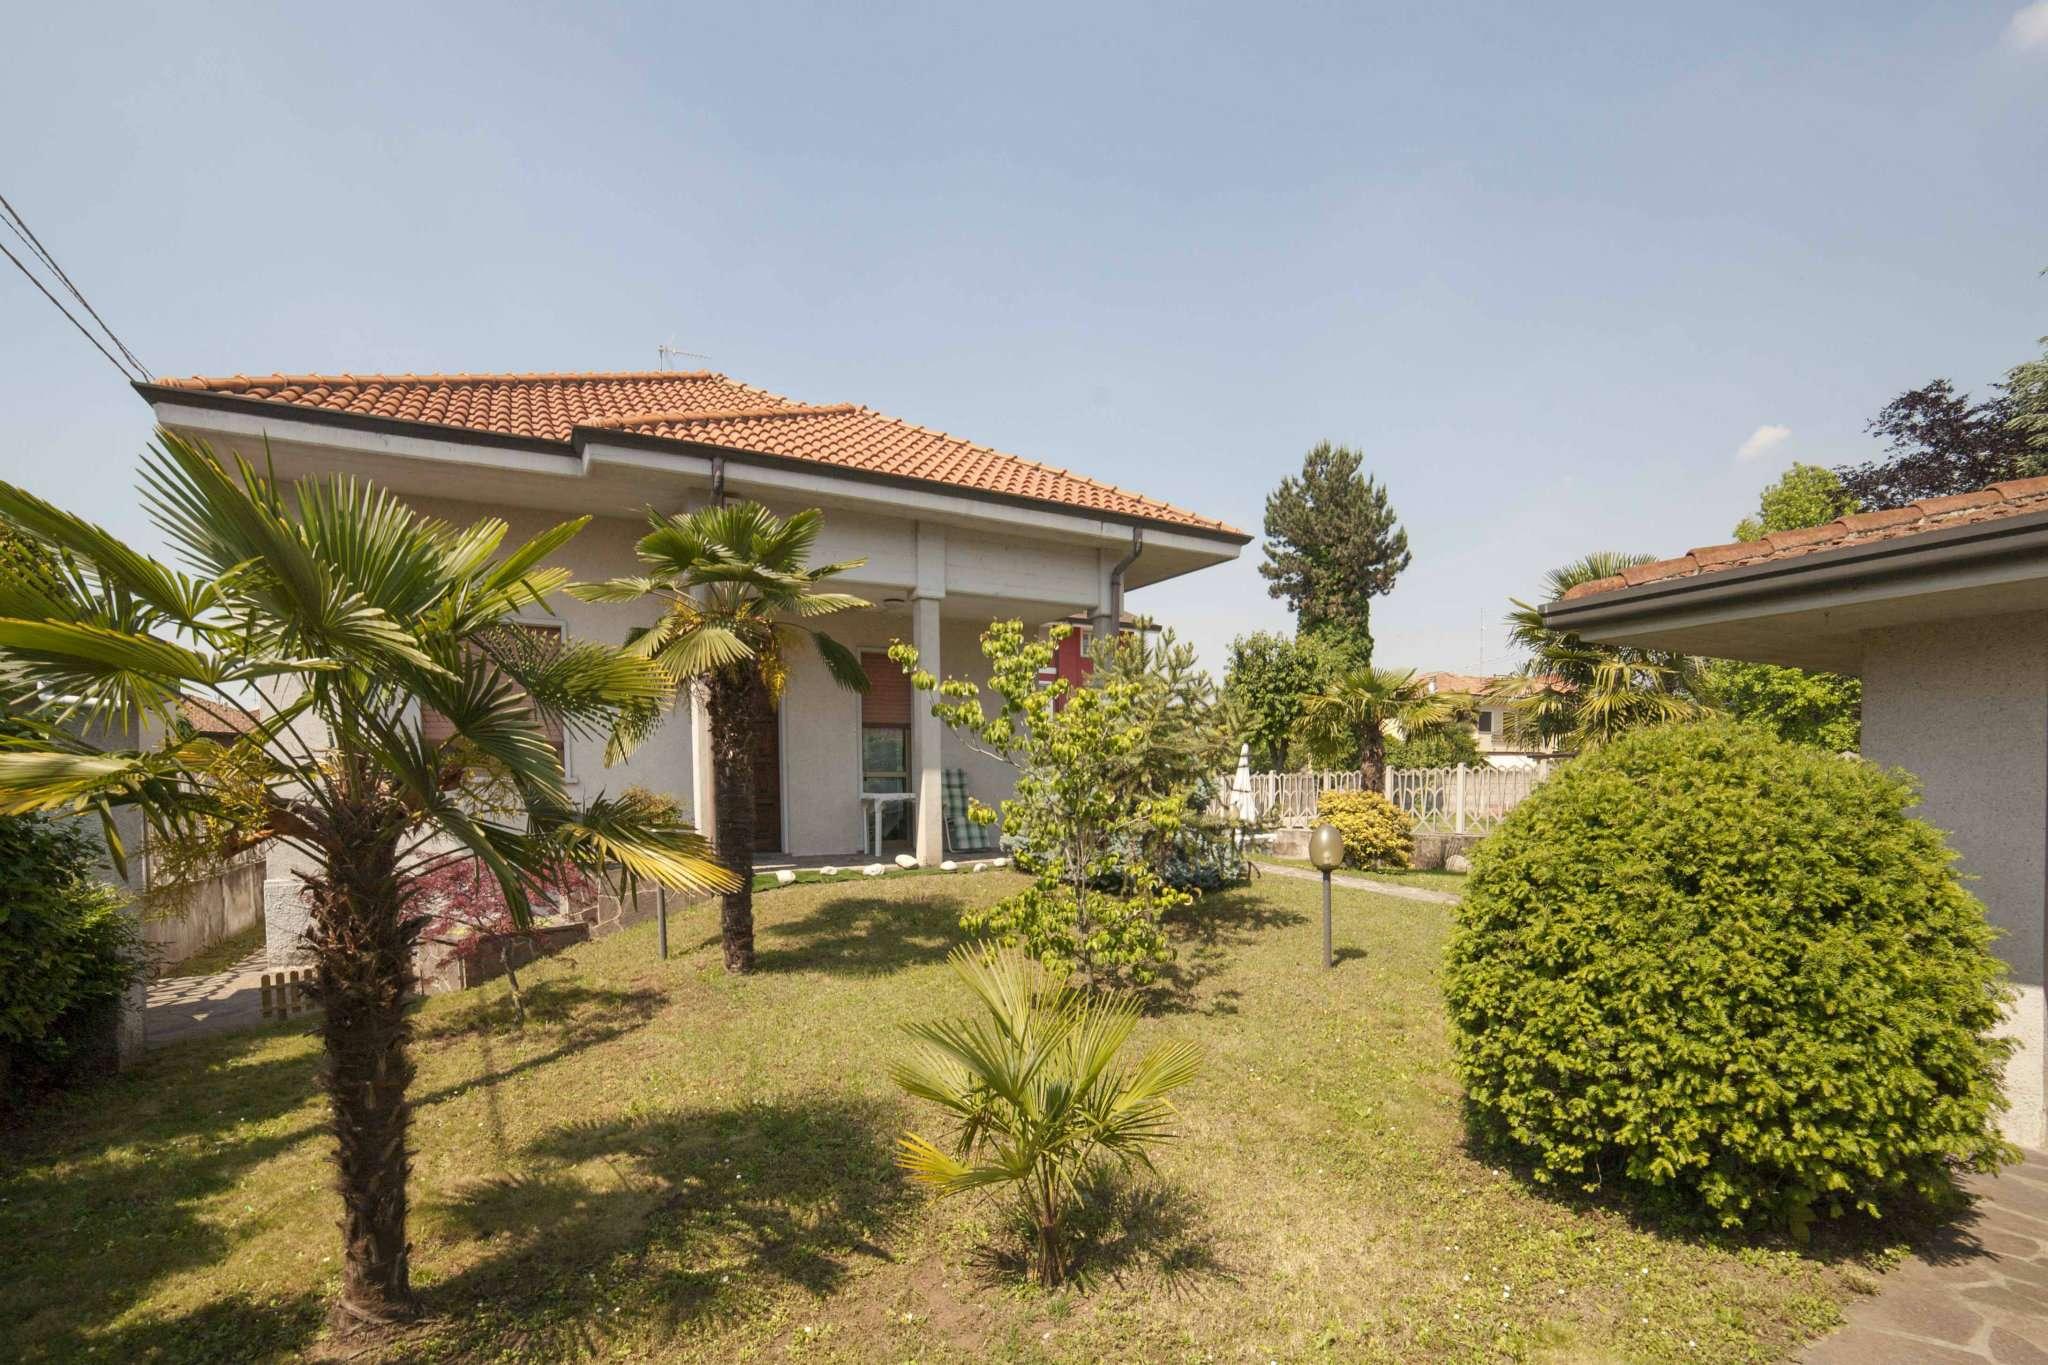 Soluzione Indipendente in vendita a Dairago, 5 locali, prezzo € 335.000 | CambioCasa.it